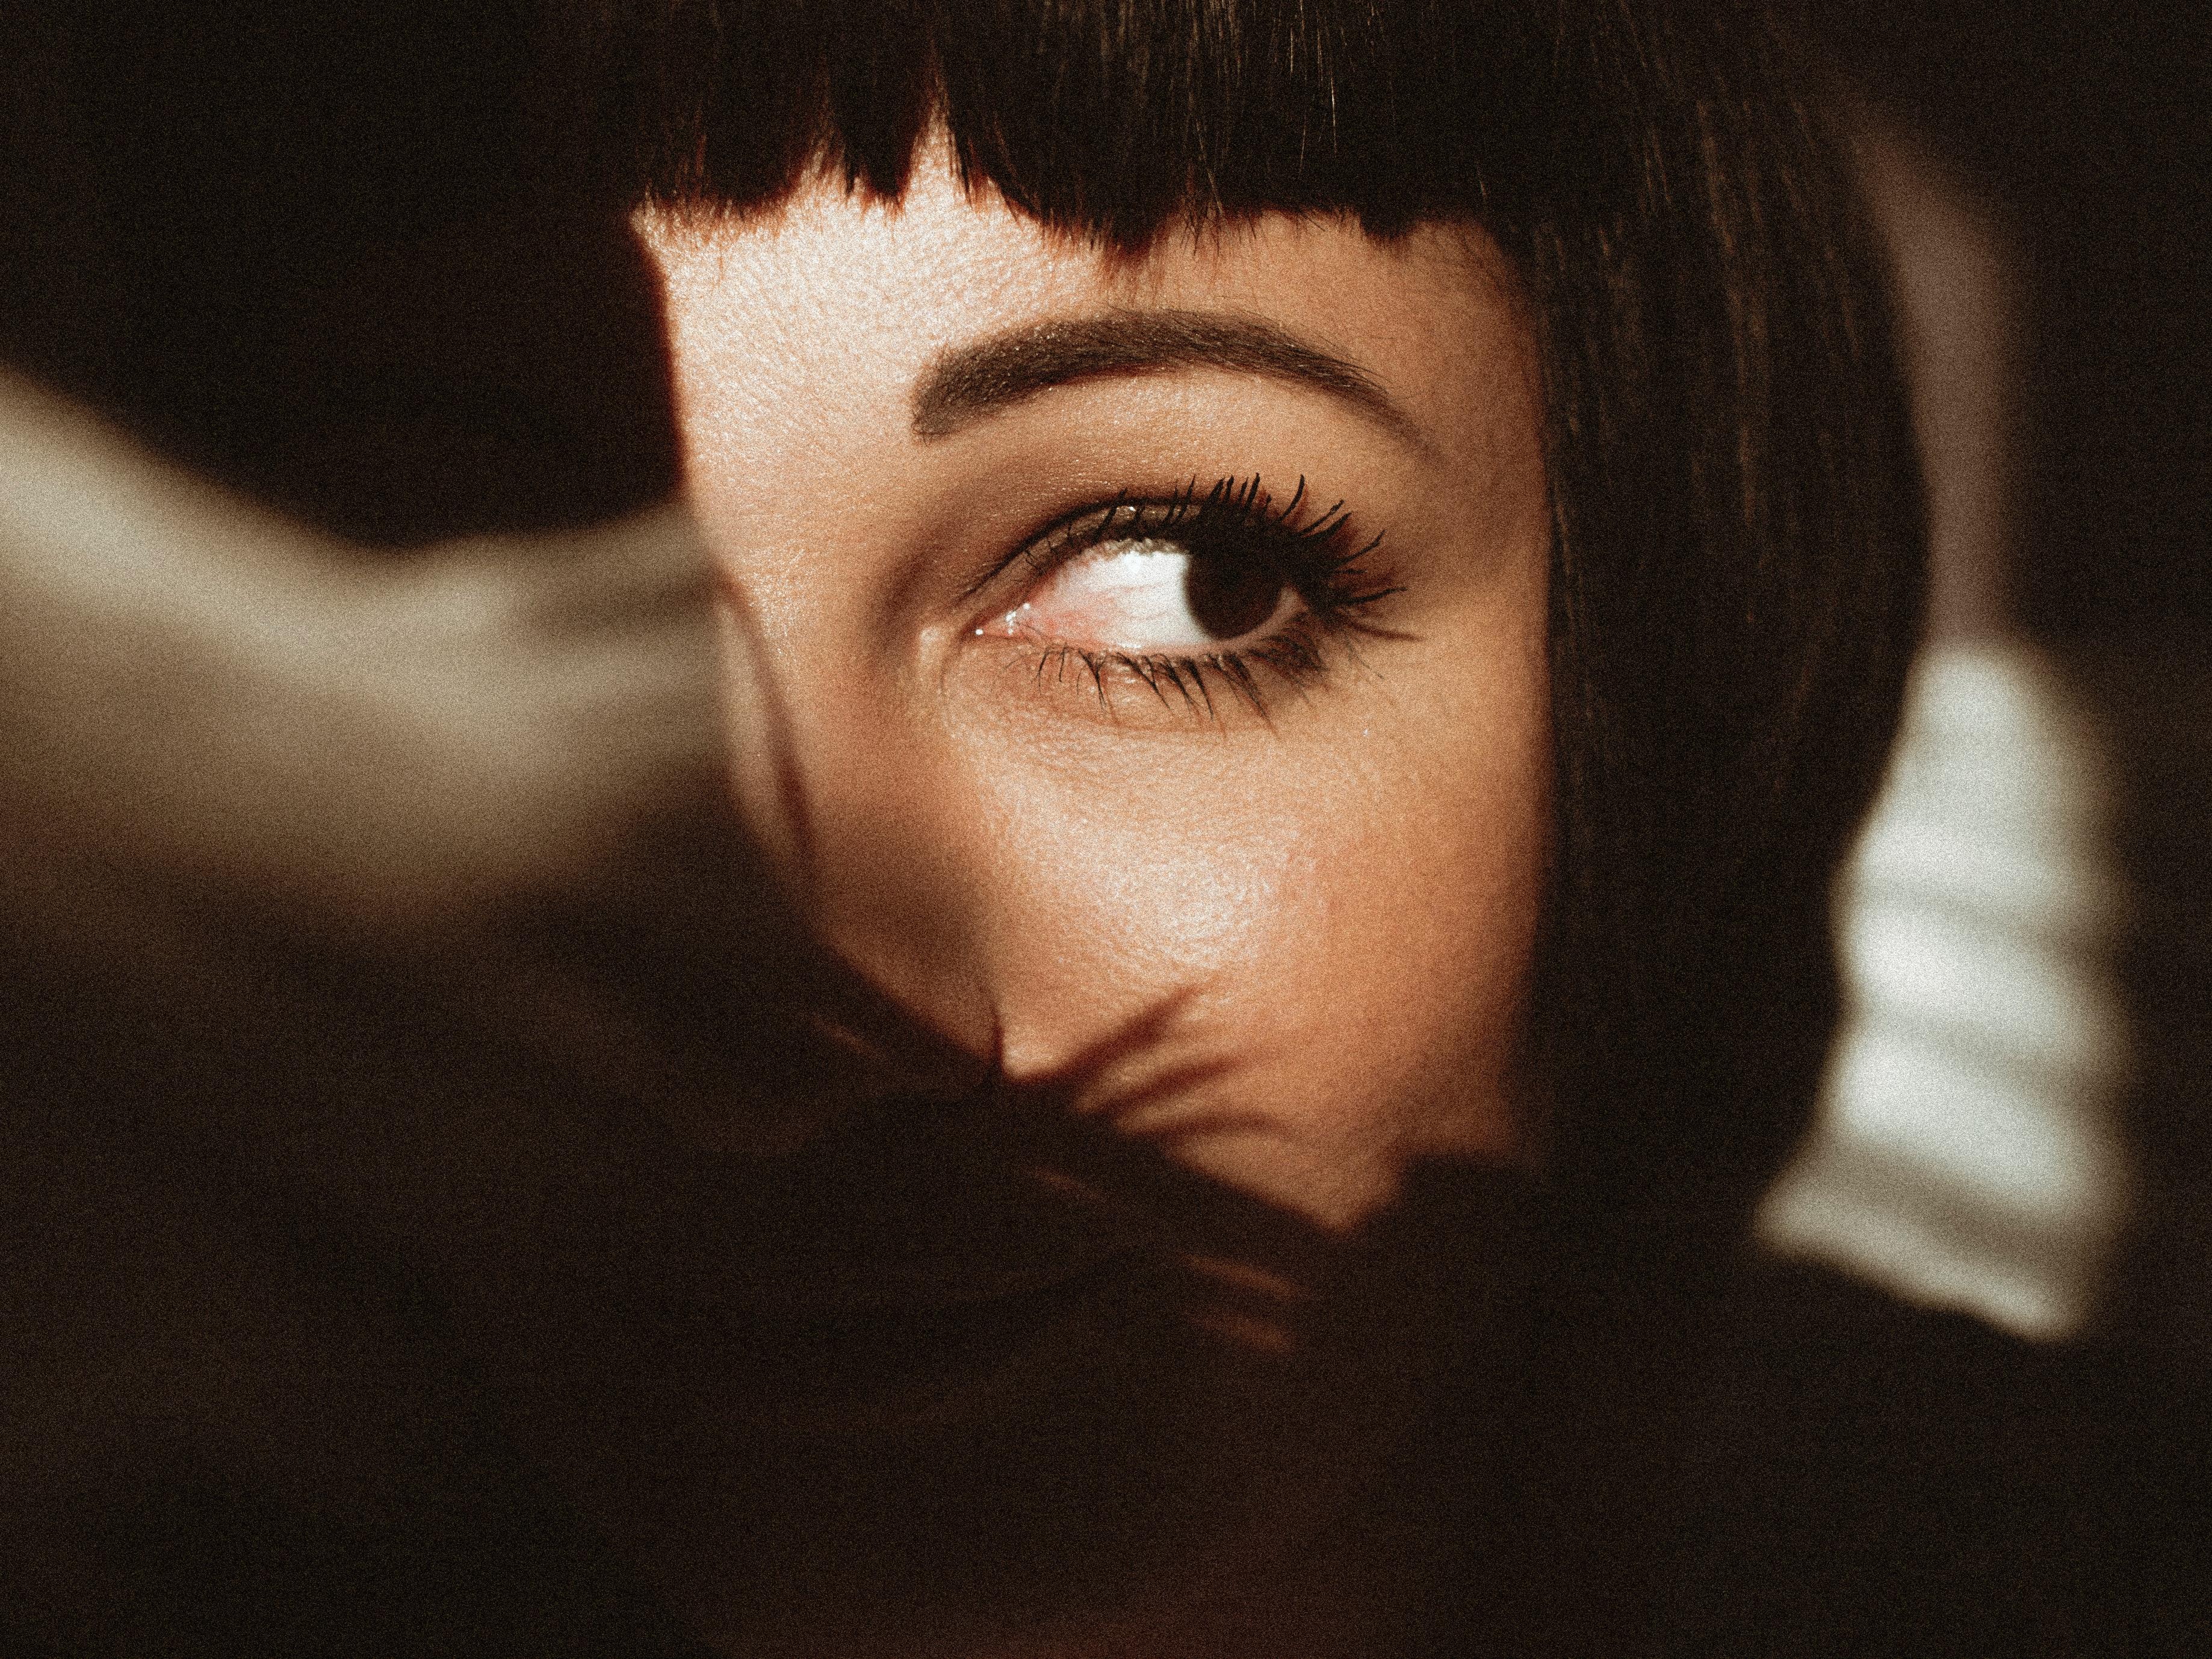 close-up-dark-hair-eye-2600349